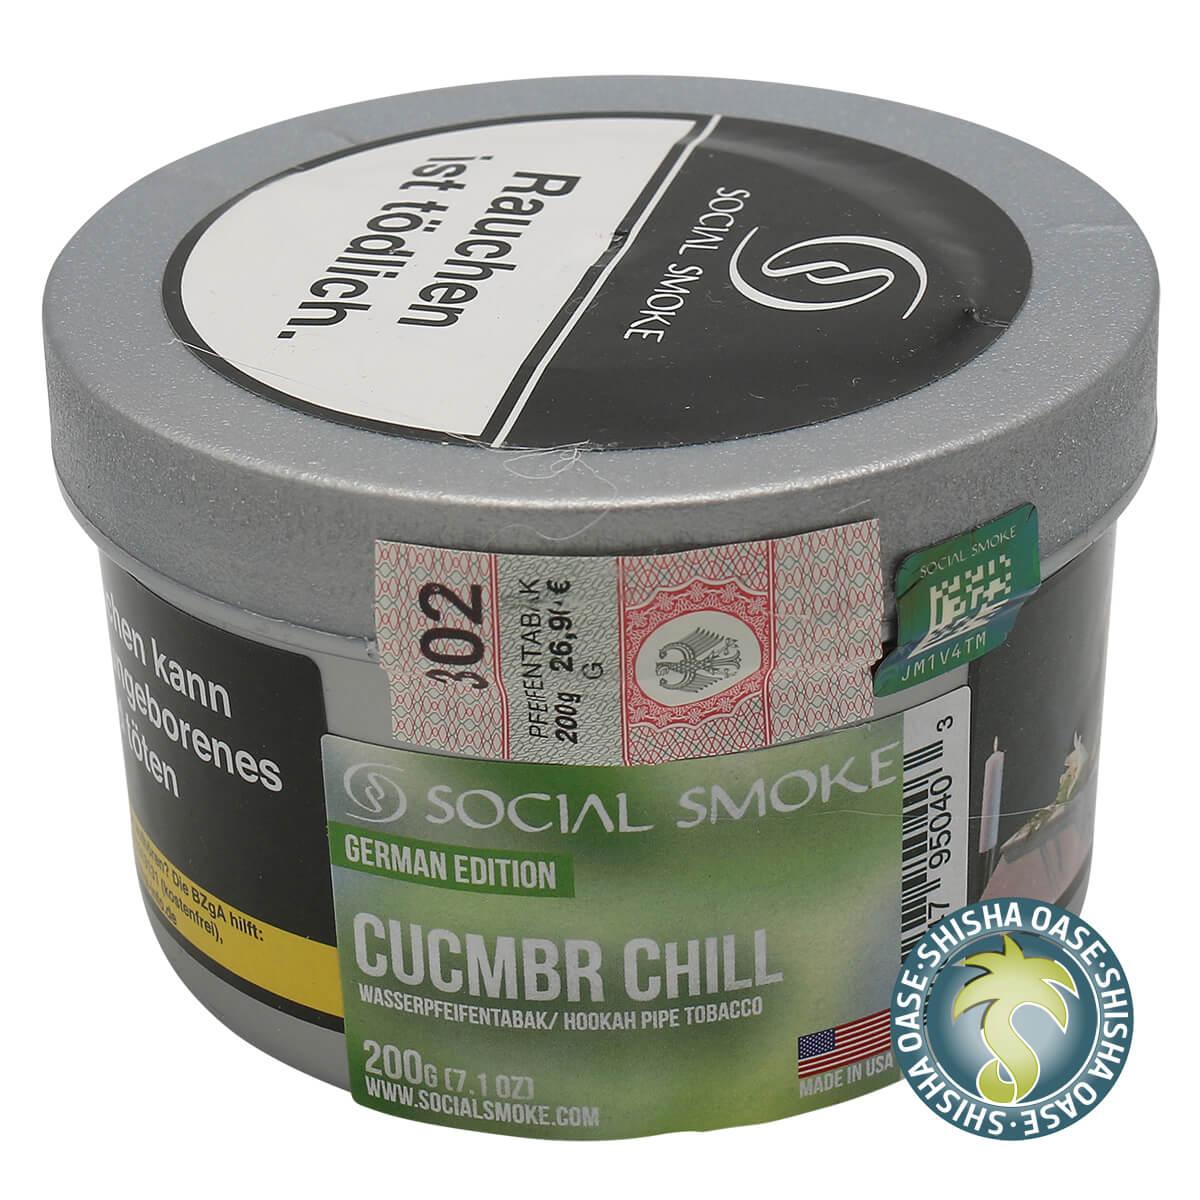 Social Smoke Tabak Cucmbr Chill 200g Dose